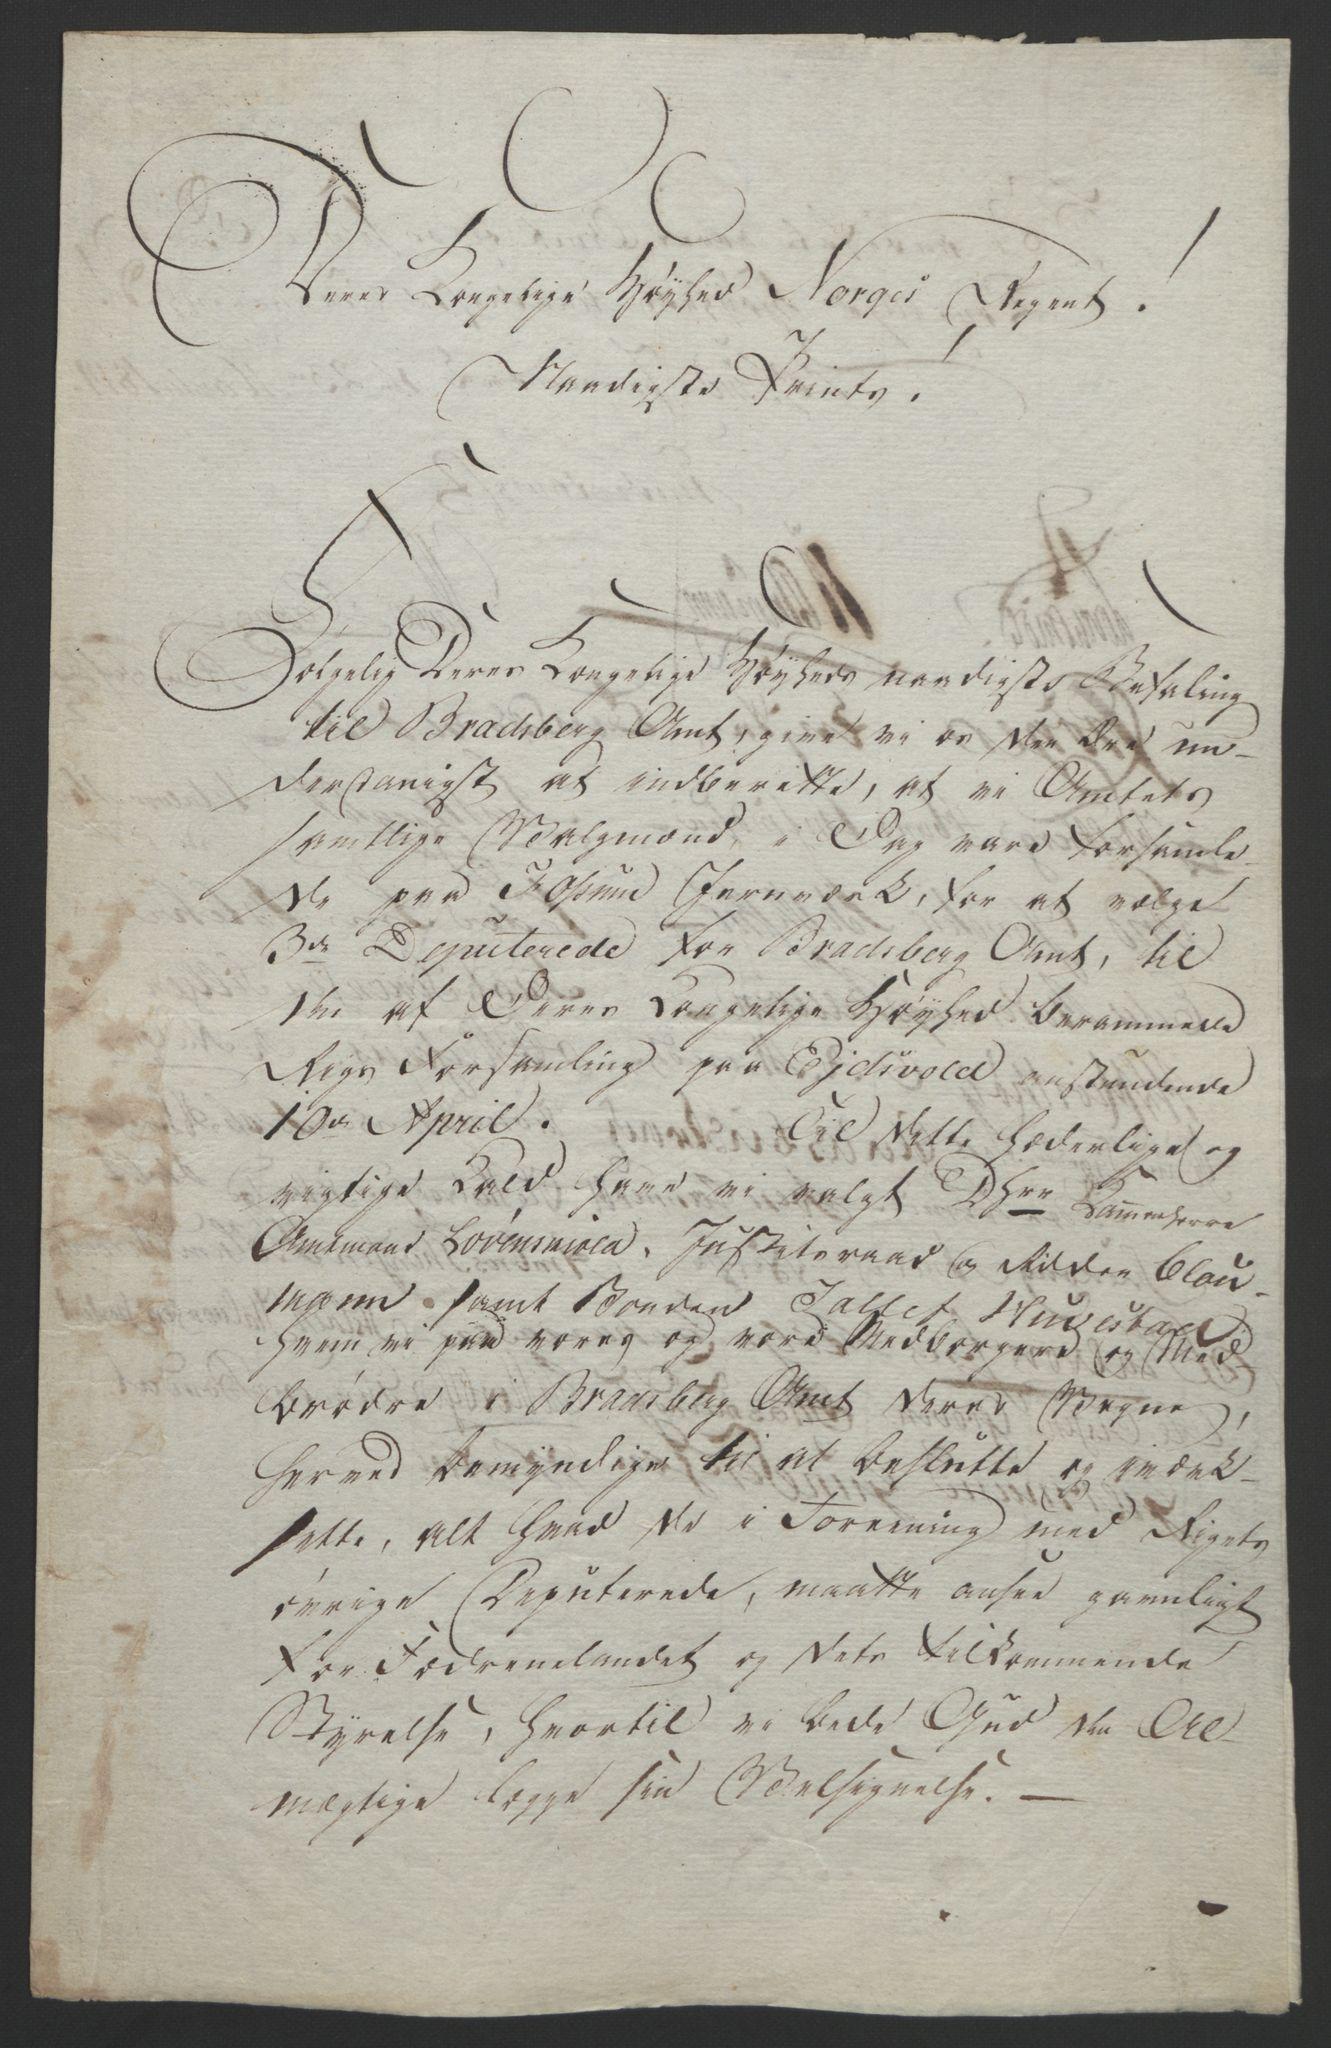 RA, Statsrådssekretariatet, D/Db/L0008: Fullmakter for Eidsvollsrepresentantene i 1814. , 1814, s. 38